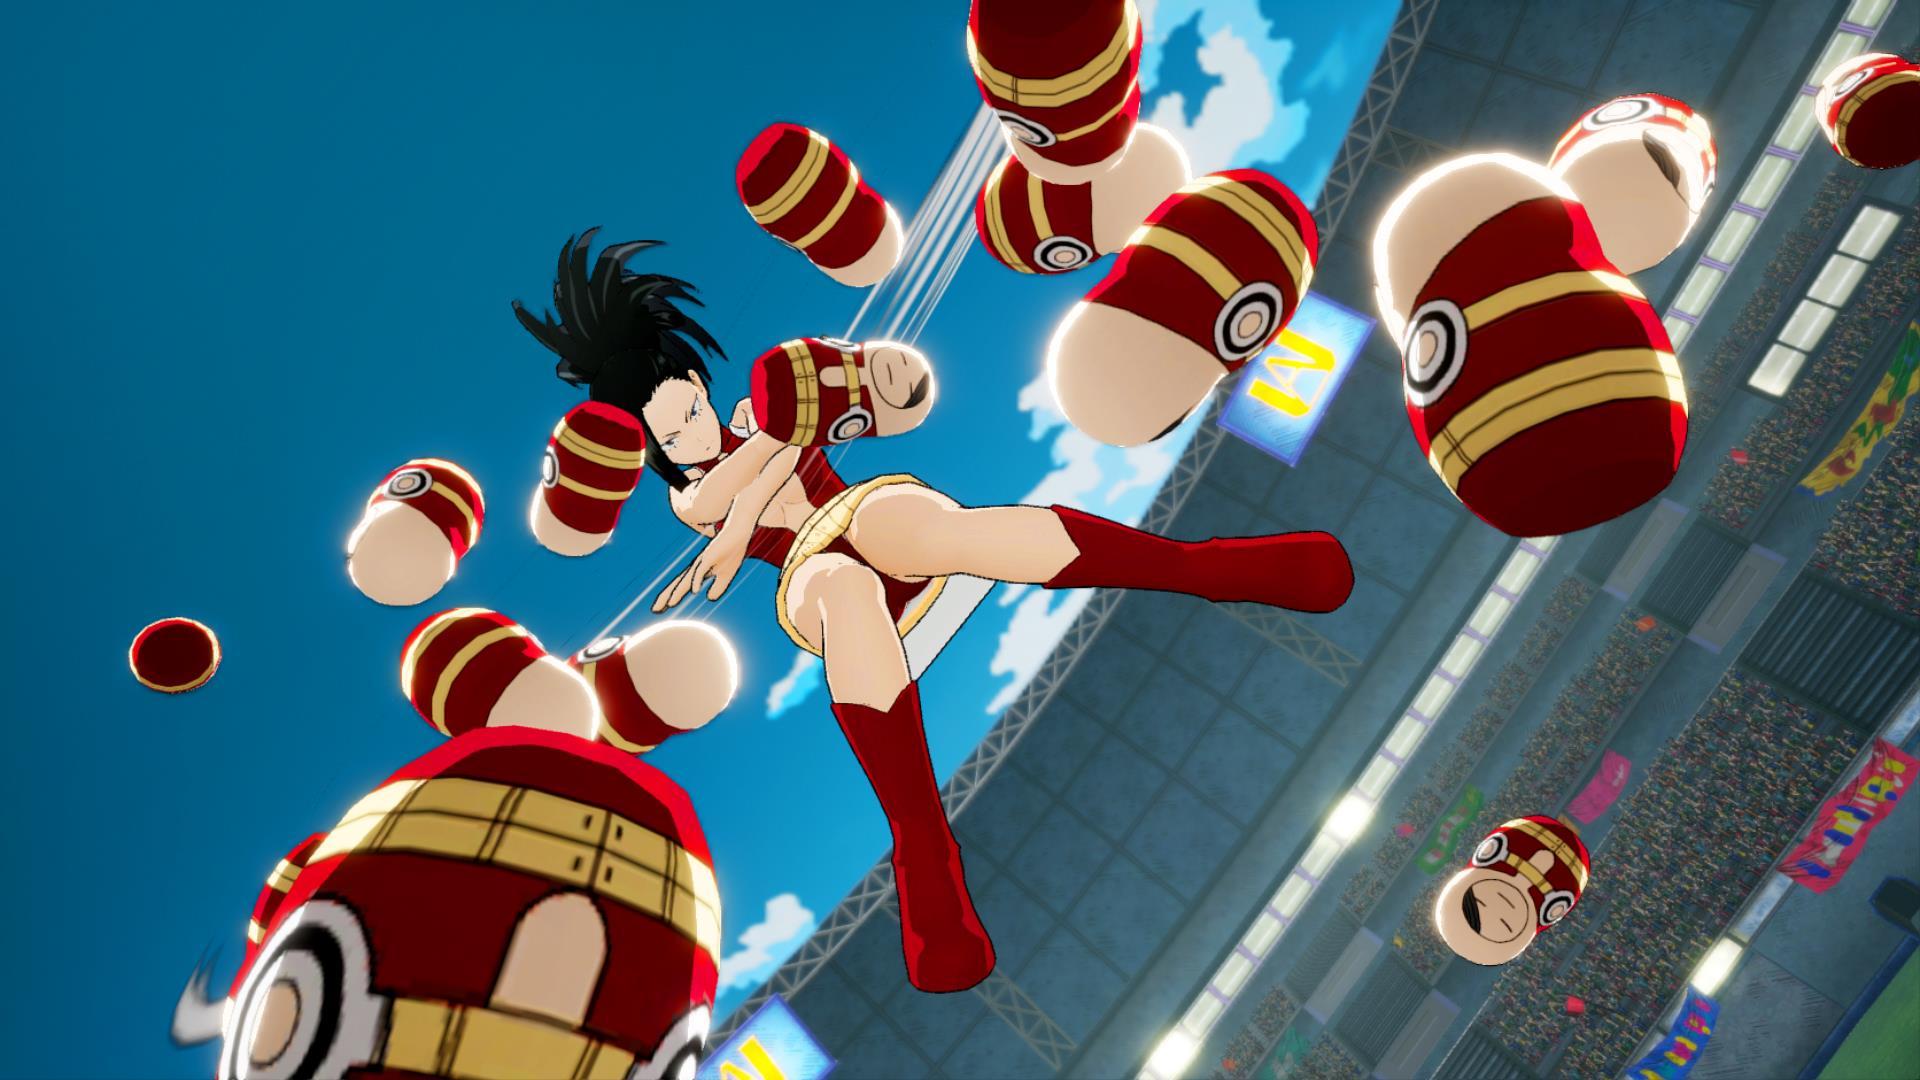 Boku No Hero Academia Tsu my hero academia: one's justice screenshots feature tsuyu